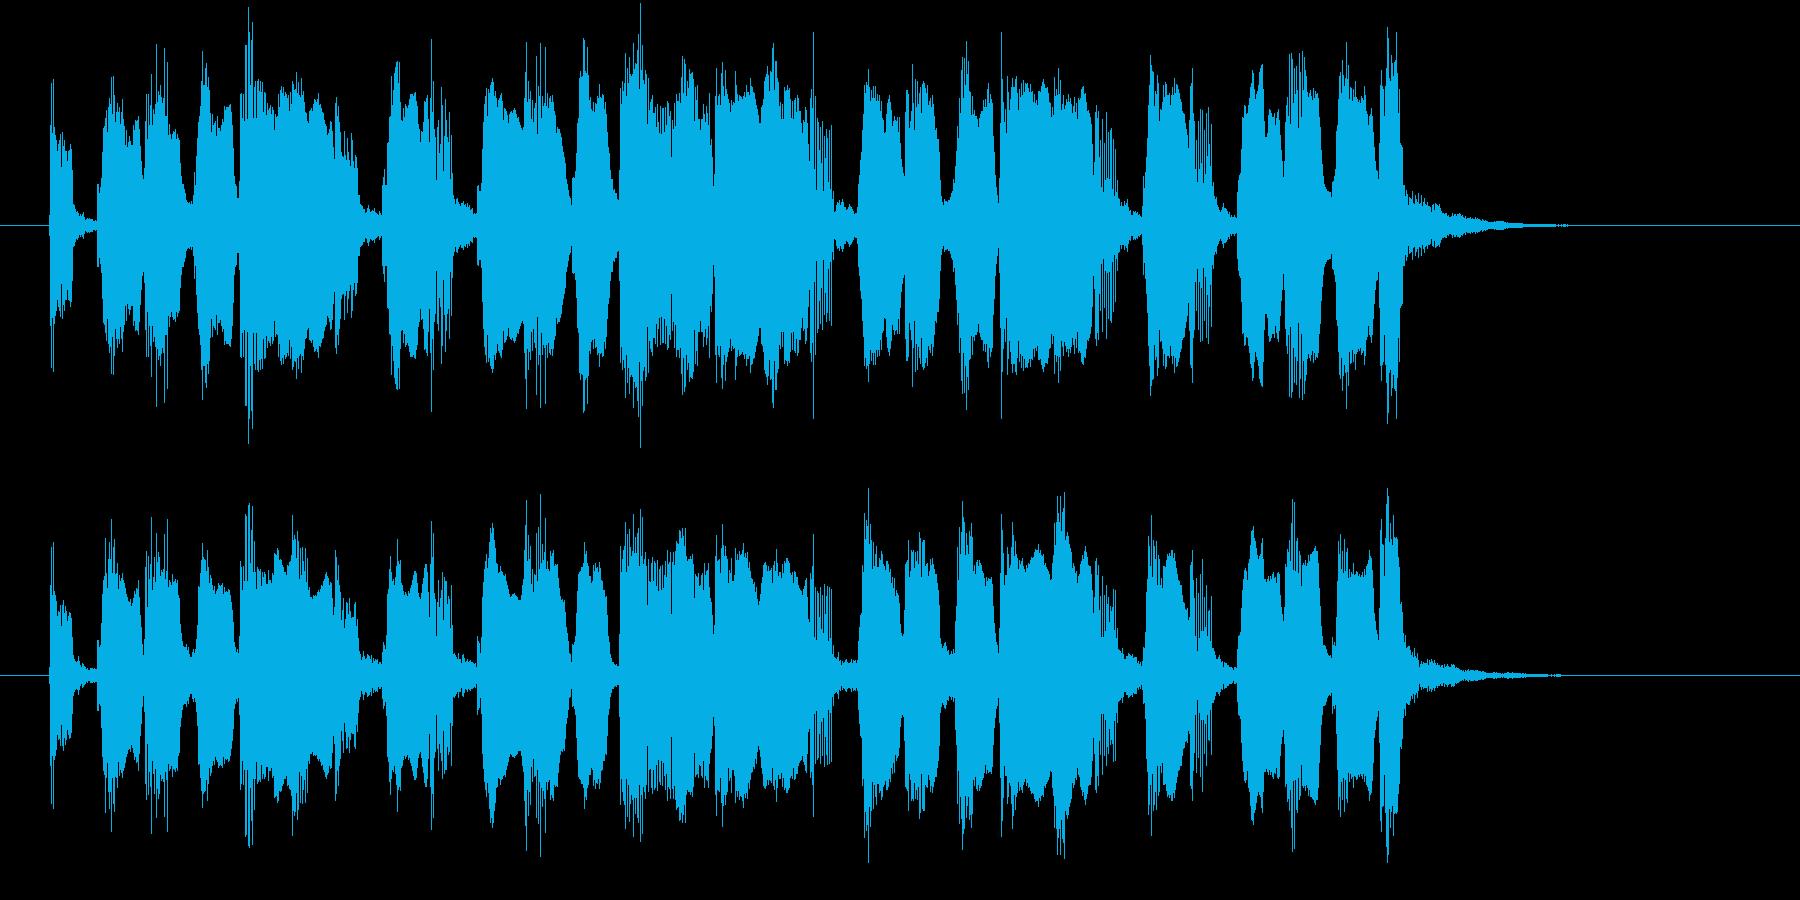 ほっこりするリラクゼーションミュージックの再生済みの波形